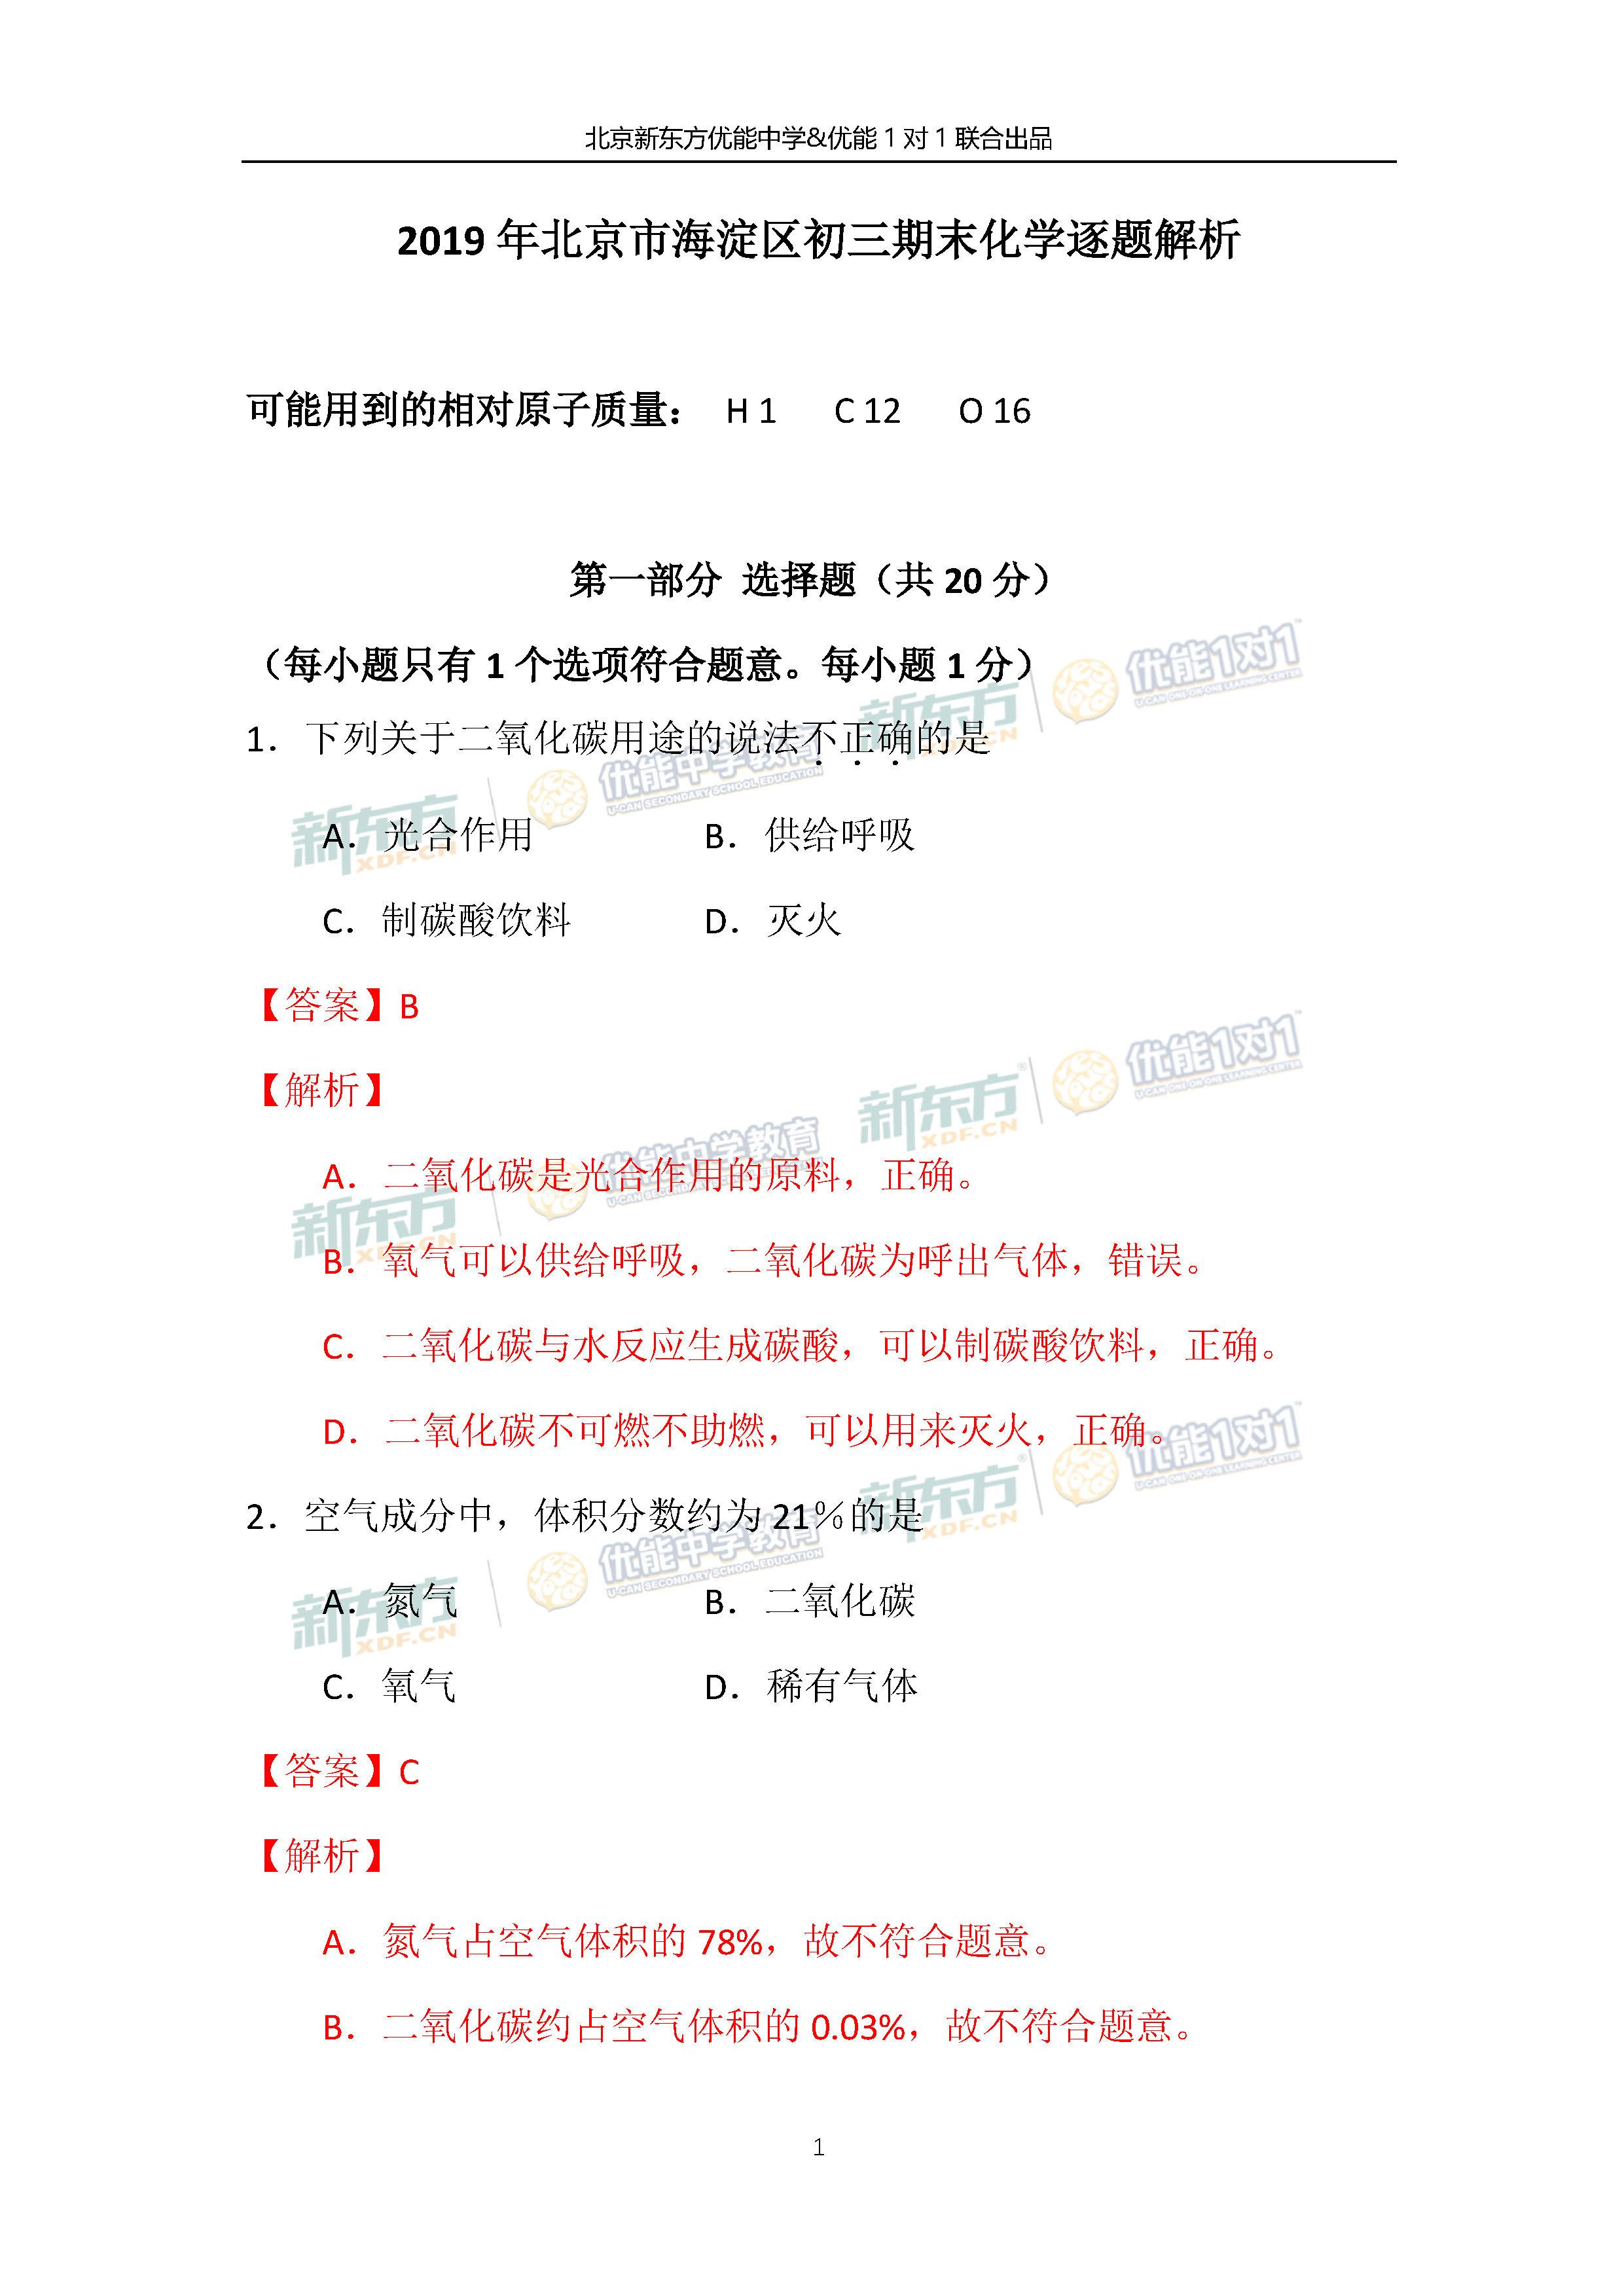 2019年1月北京海淀初三上化学期末试题答案逐题解析